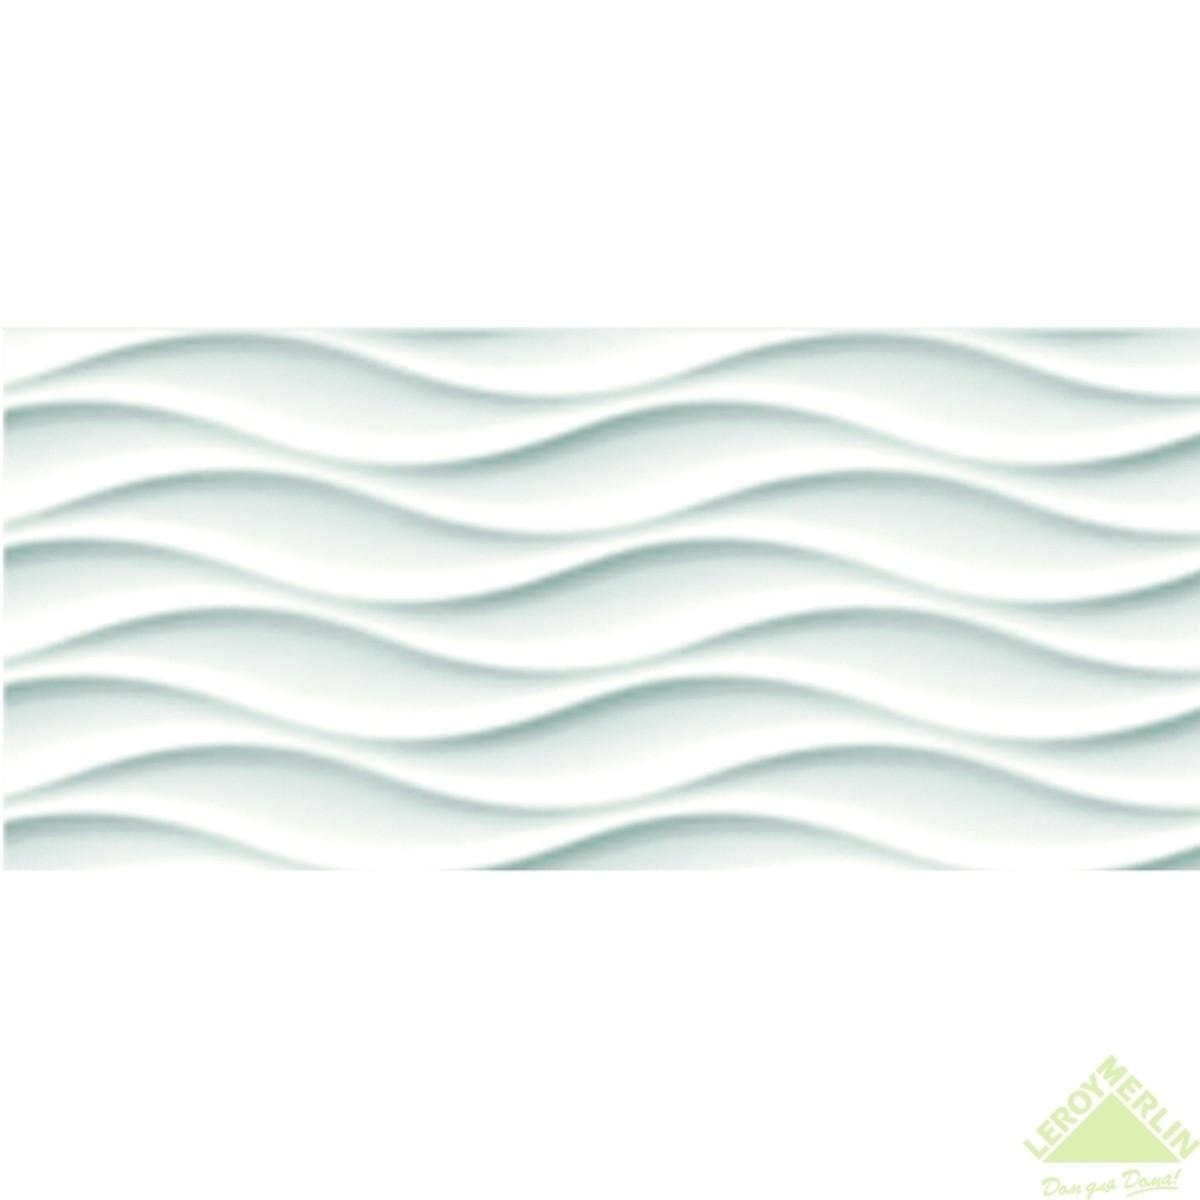 Плитка настенная Wave (WAG051) цвет белый 20x44 см 105 м2